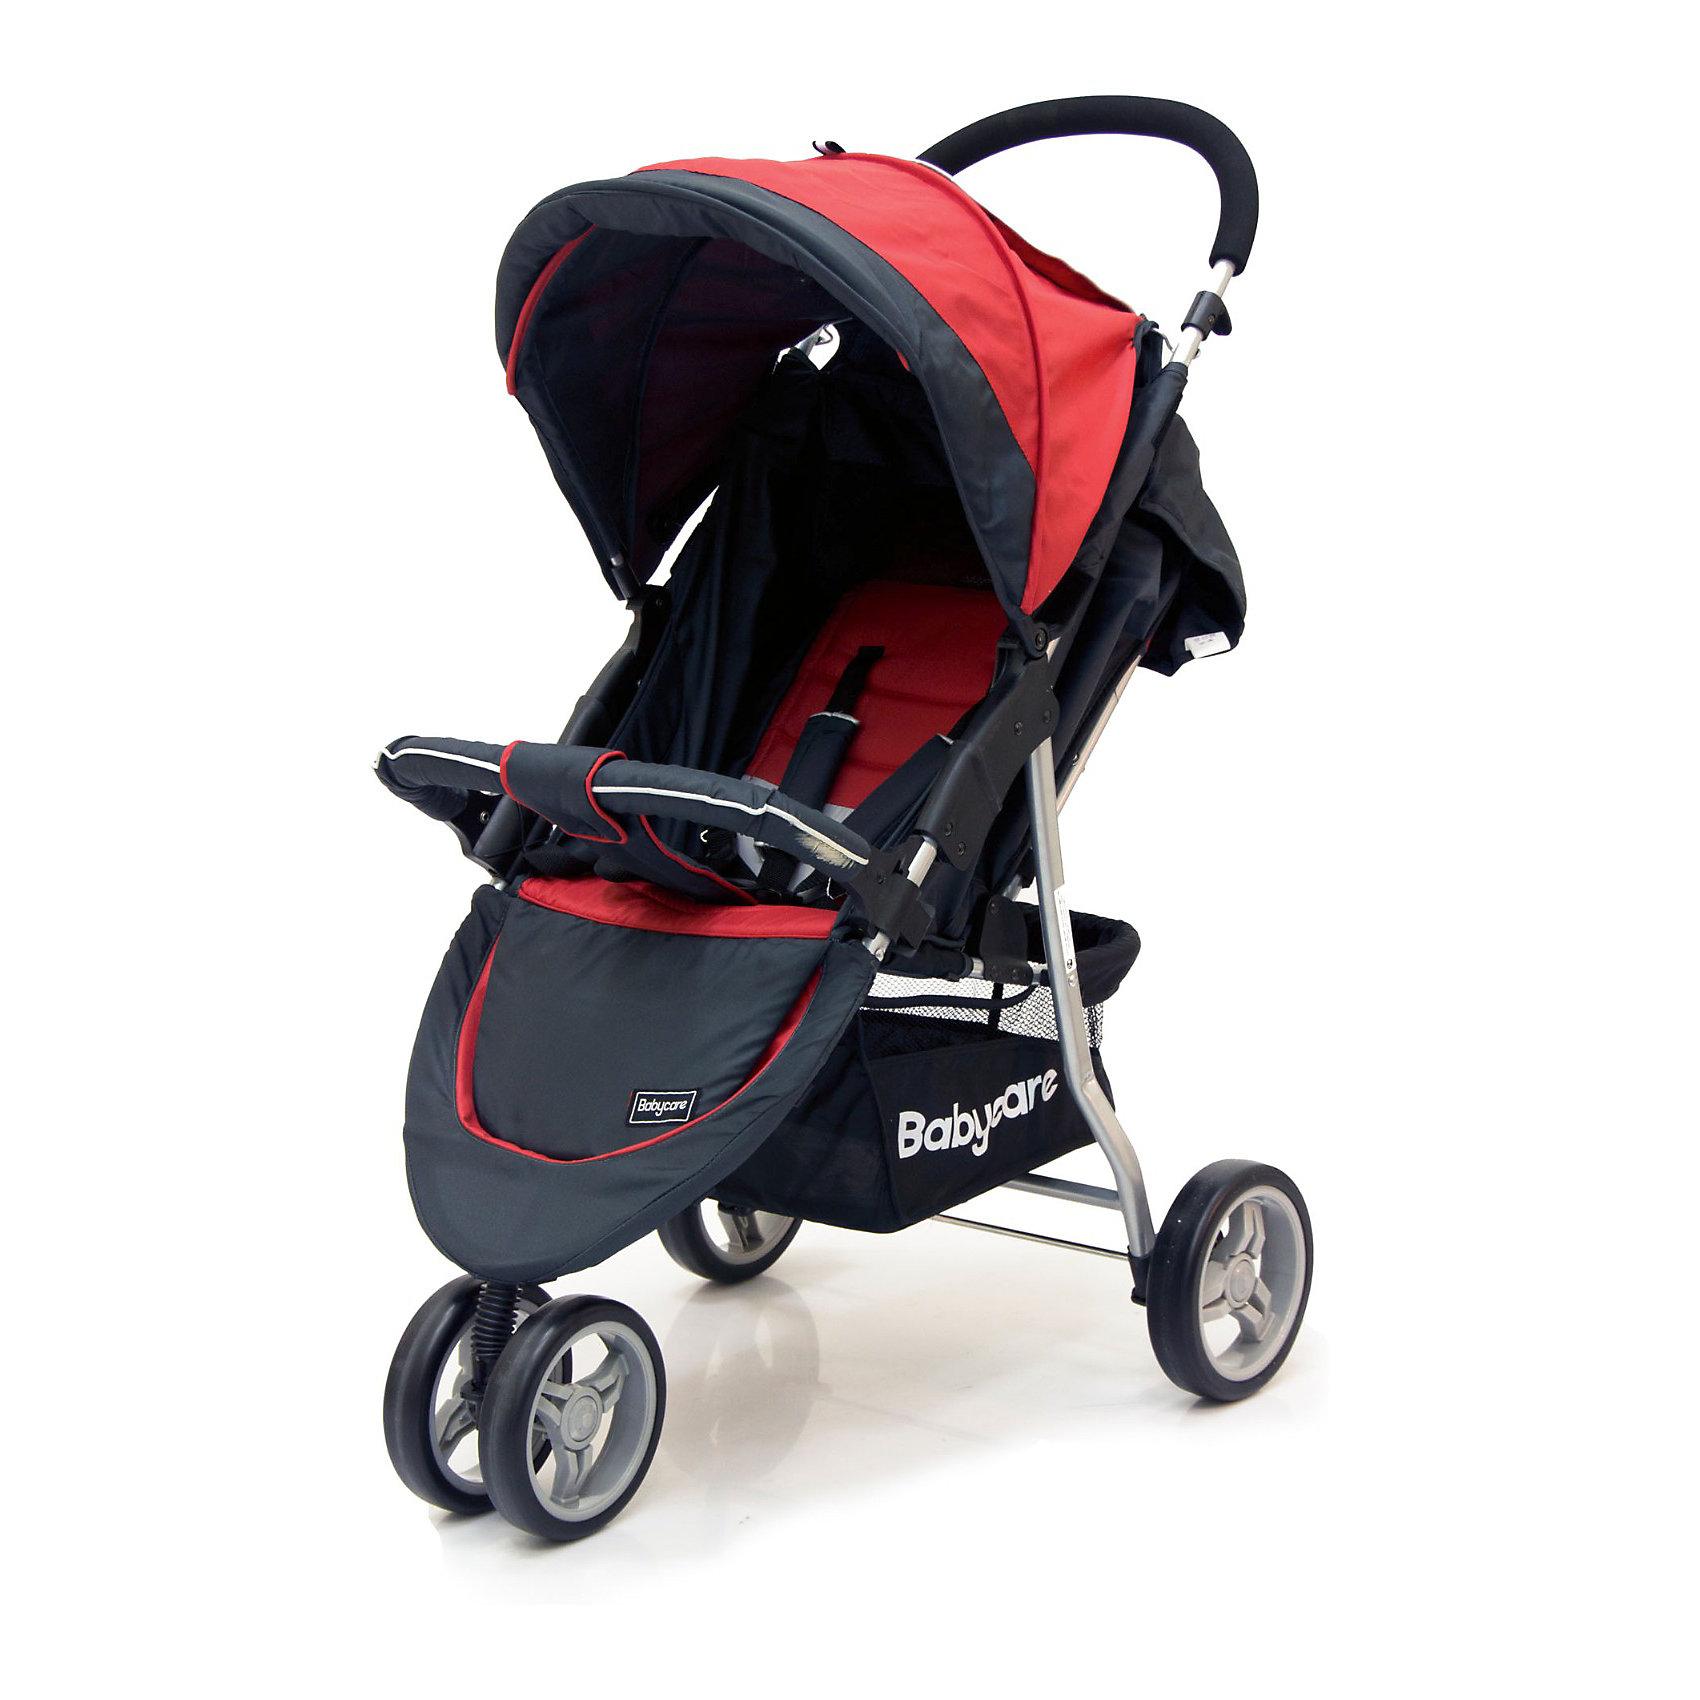 Прогулочная коляска Jogger Lite, Baby Care, красныйКоляска Jogger Lite от Baby Care - трехколесная прогулочная коляска, очень легкая, удобная  и маневренная. Благодаря продуманному дизайну коляска очень комфортна не только<br>для ребенка но и для мамы. Особая конструкция колес - сдвоенное переднее и задние с увеличенными диаметром обеспечивают коляске высокую маневренность и хорошую<br>проходимость, коляска отлично передвигается по любой местности.<br><br>Коляска оснащена удобным сиденьем для малыша с 5-точечными ремнями безопасности и съемным бампером, спинка механически раскладывается до 170 градусов. Подножку<br>также можно настраивать по высоте. С ее помощью получается просторное спальное место оптимальной длины. Сиденье защищено большим капюшоном с карманом, окошком и дополнительным козырьком. В коляске имеется также просторная корзина для детских принадлежностей или покупок.<br><br>Коляска легко складывается книжкой, ее компактность и легкий вес позволяют использовать ее во время поездок и путешествий.<br> <br>Особенности:<br><br>- легкая алюминиевая рама;<br>- материал с водоотталкивающей пропиткой;<br>- большой капюшон с окошком, карманом на молнии и дополнительным козырьком;<br>- в комплект входит чехол на ножки;<br>- механическое раскладывание спинки до 170 градусов;<br>- подножка регулируется по высоте;<br>- съемный бампер с мягкой накладкой;<br>- 5-точечные ремни безопасности;<br>- сетчатая корзина для покупок;<br>- тип колес: переднее – сдвоенное, заднее – одинарное, пластиковая имитация;<br>- коляска легко складывается книжкой, может стоять в сложенном виде, компактна в хранении.<br><br>Дополнительная информация:<br><br>- Материал: ткань, аллюминий.<br>- Цвет: красный.<br>- Длина спального места: 60 см.<br>- Размер сиденья: 20 x 30 см.<br>- Высота сиденья от пола: 40 см.<br>- Диаметр колес: переднее – 17 см, задние – 19 см.<br>- Ширина колесной базы: 53 см.<br>- Размер коляски в сложенном виде: 53 x 83 x 40 см.<br>- Размер упаковки: 80 x 20 x 48 см.<br